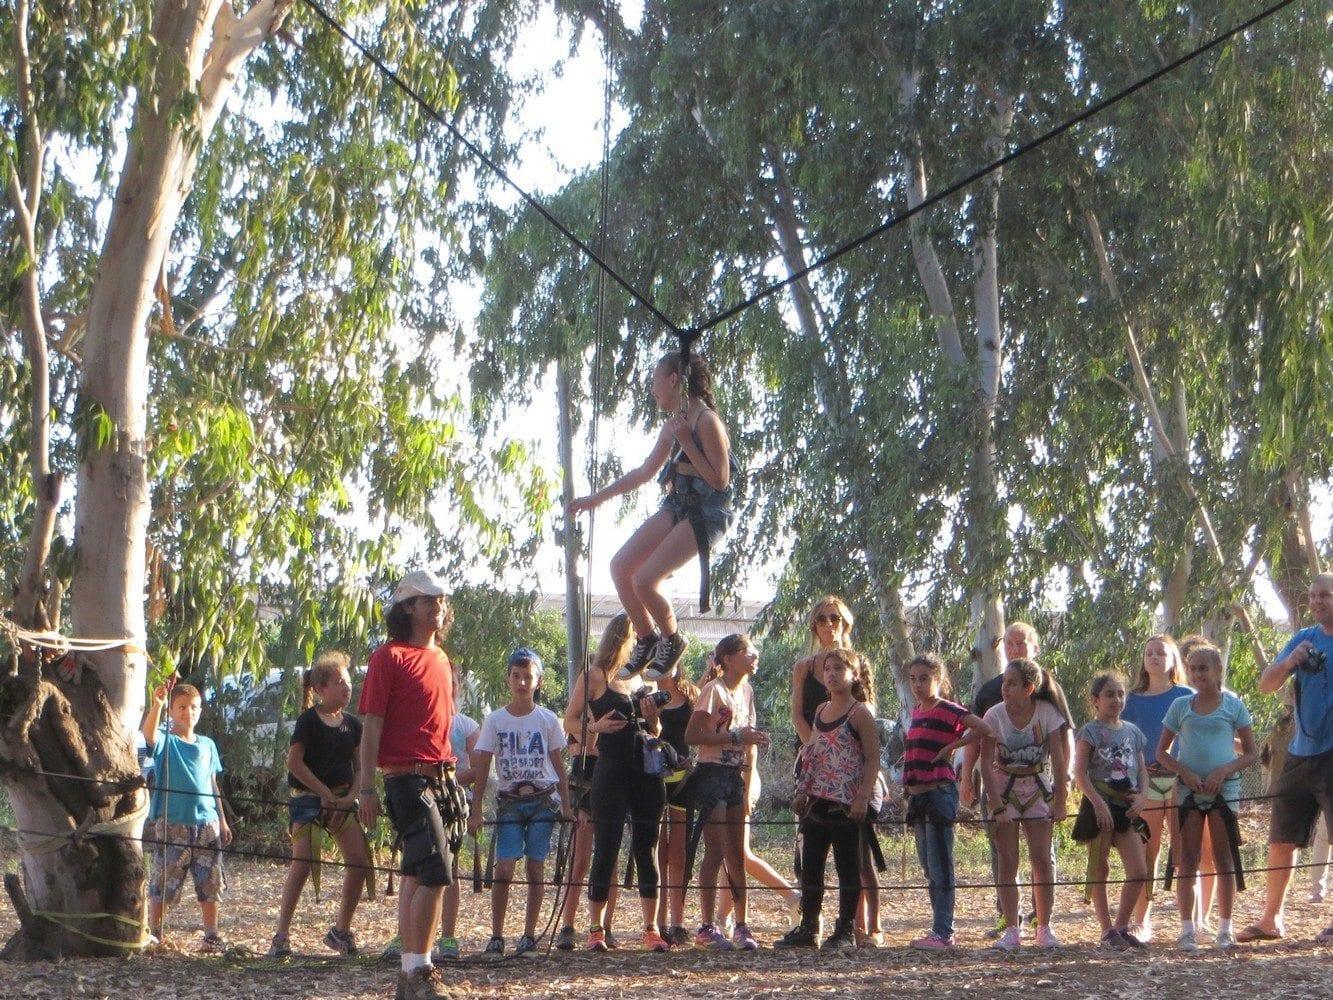 בנג'י נדנדה על חבלים - ערוצים בטבע